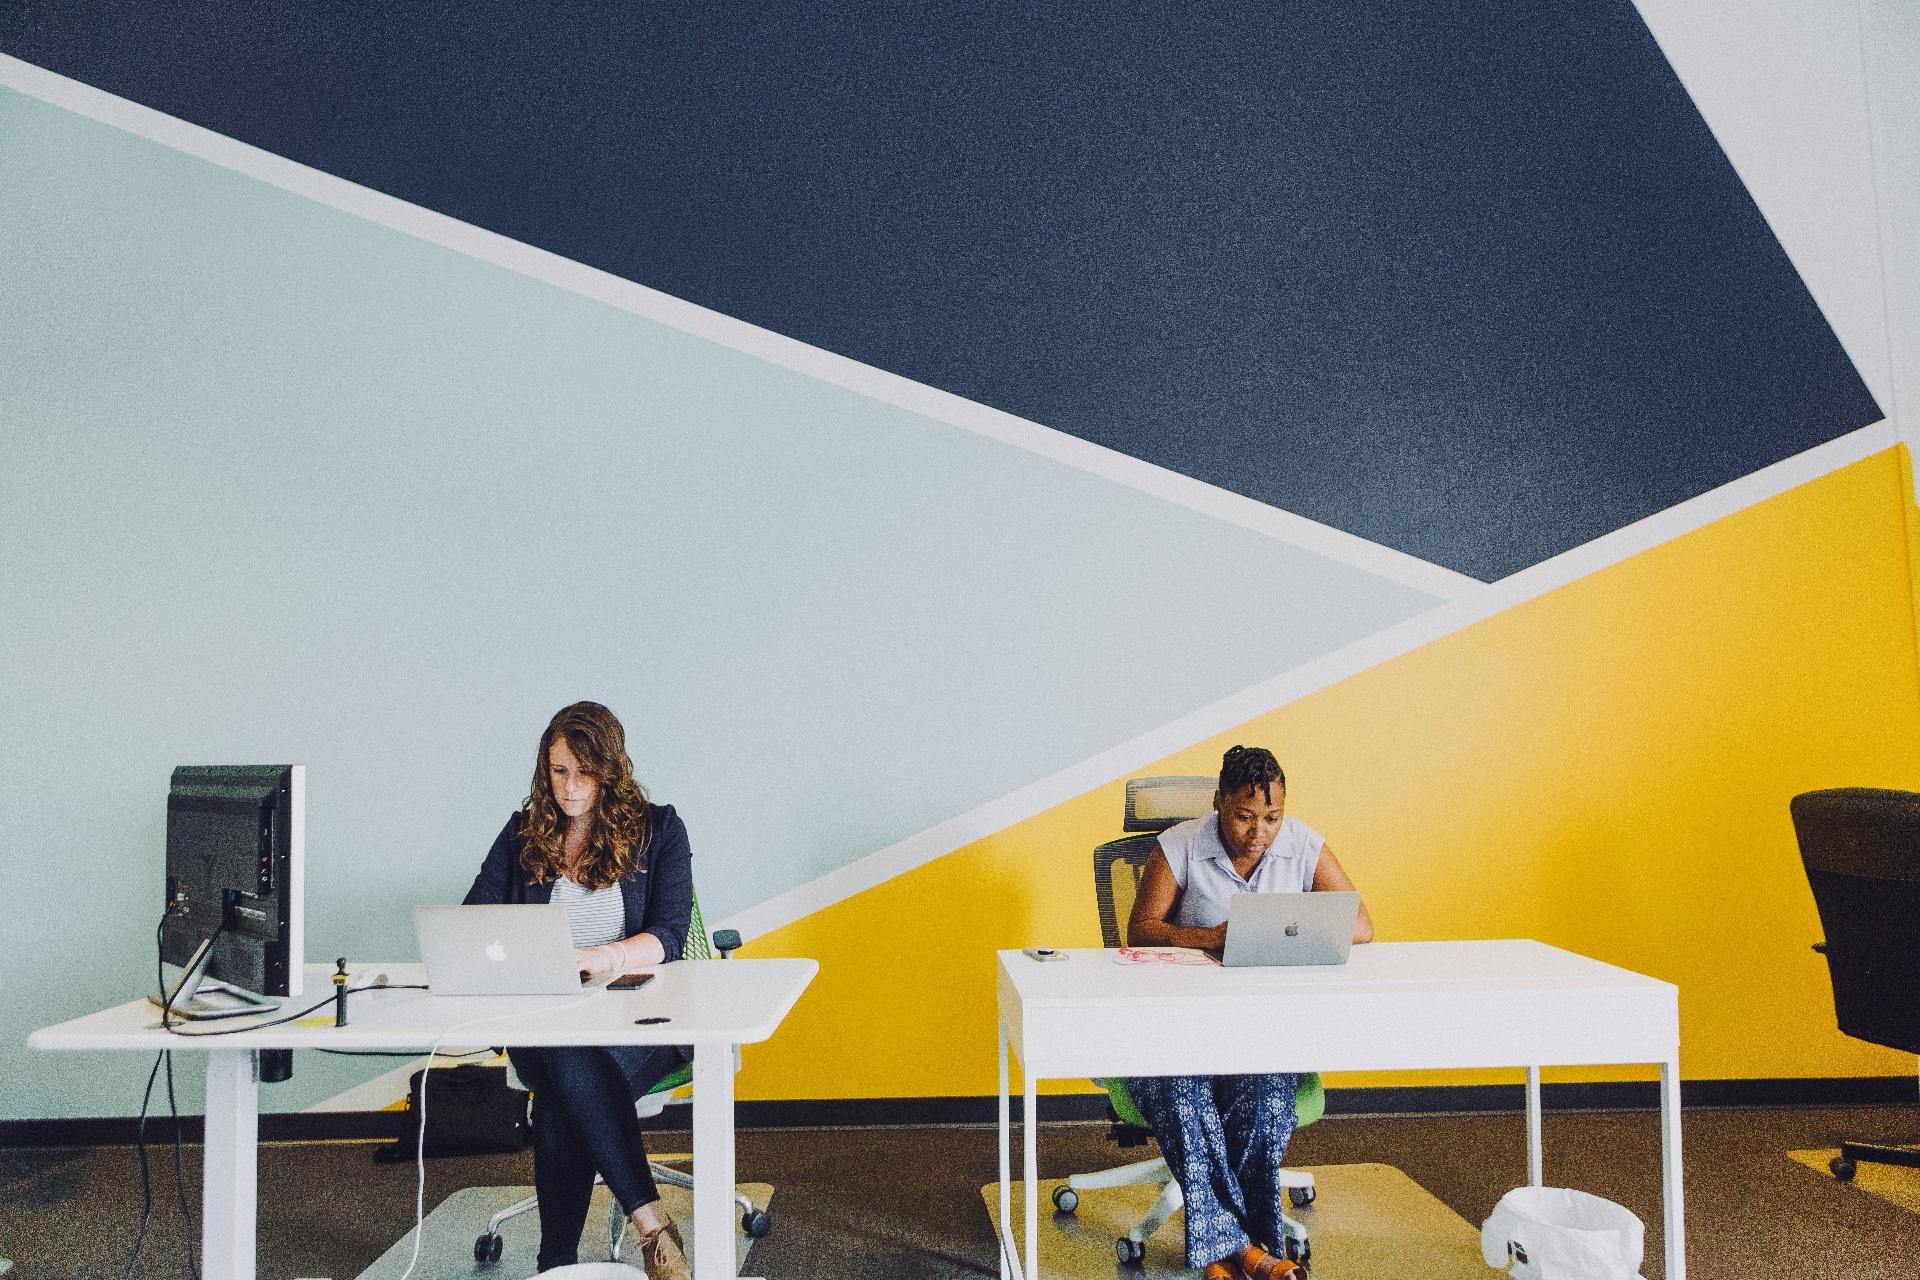 Zendesk bringt neue digitale Kollaborationstools für Unternehmen auf den Markt_cmm360_Photo by Jud Mackrill on Unsplash